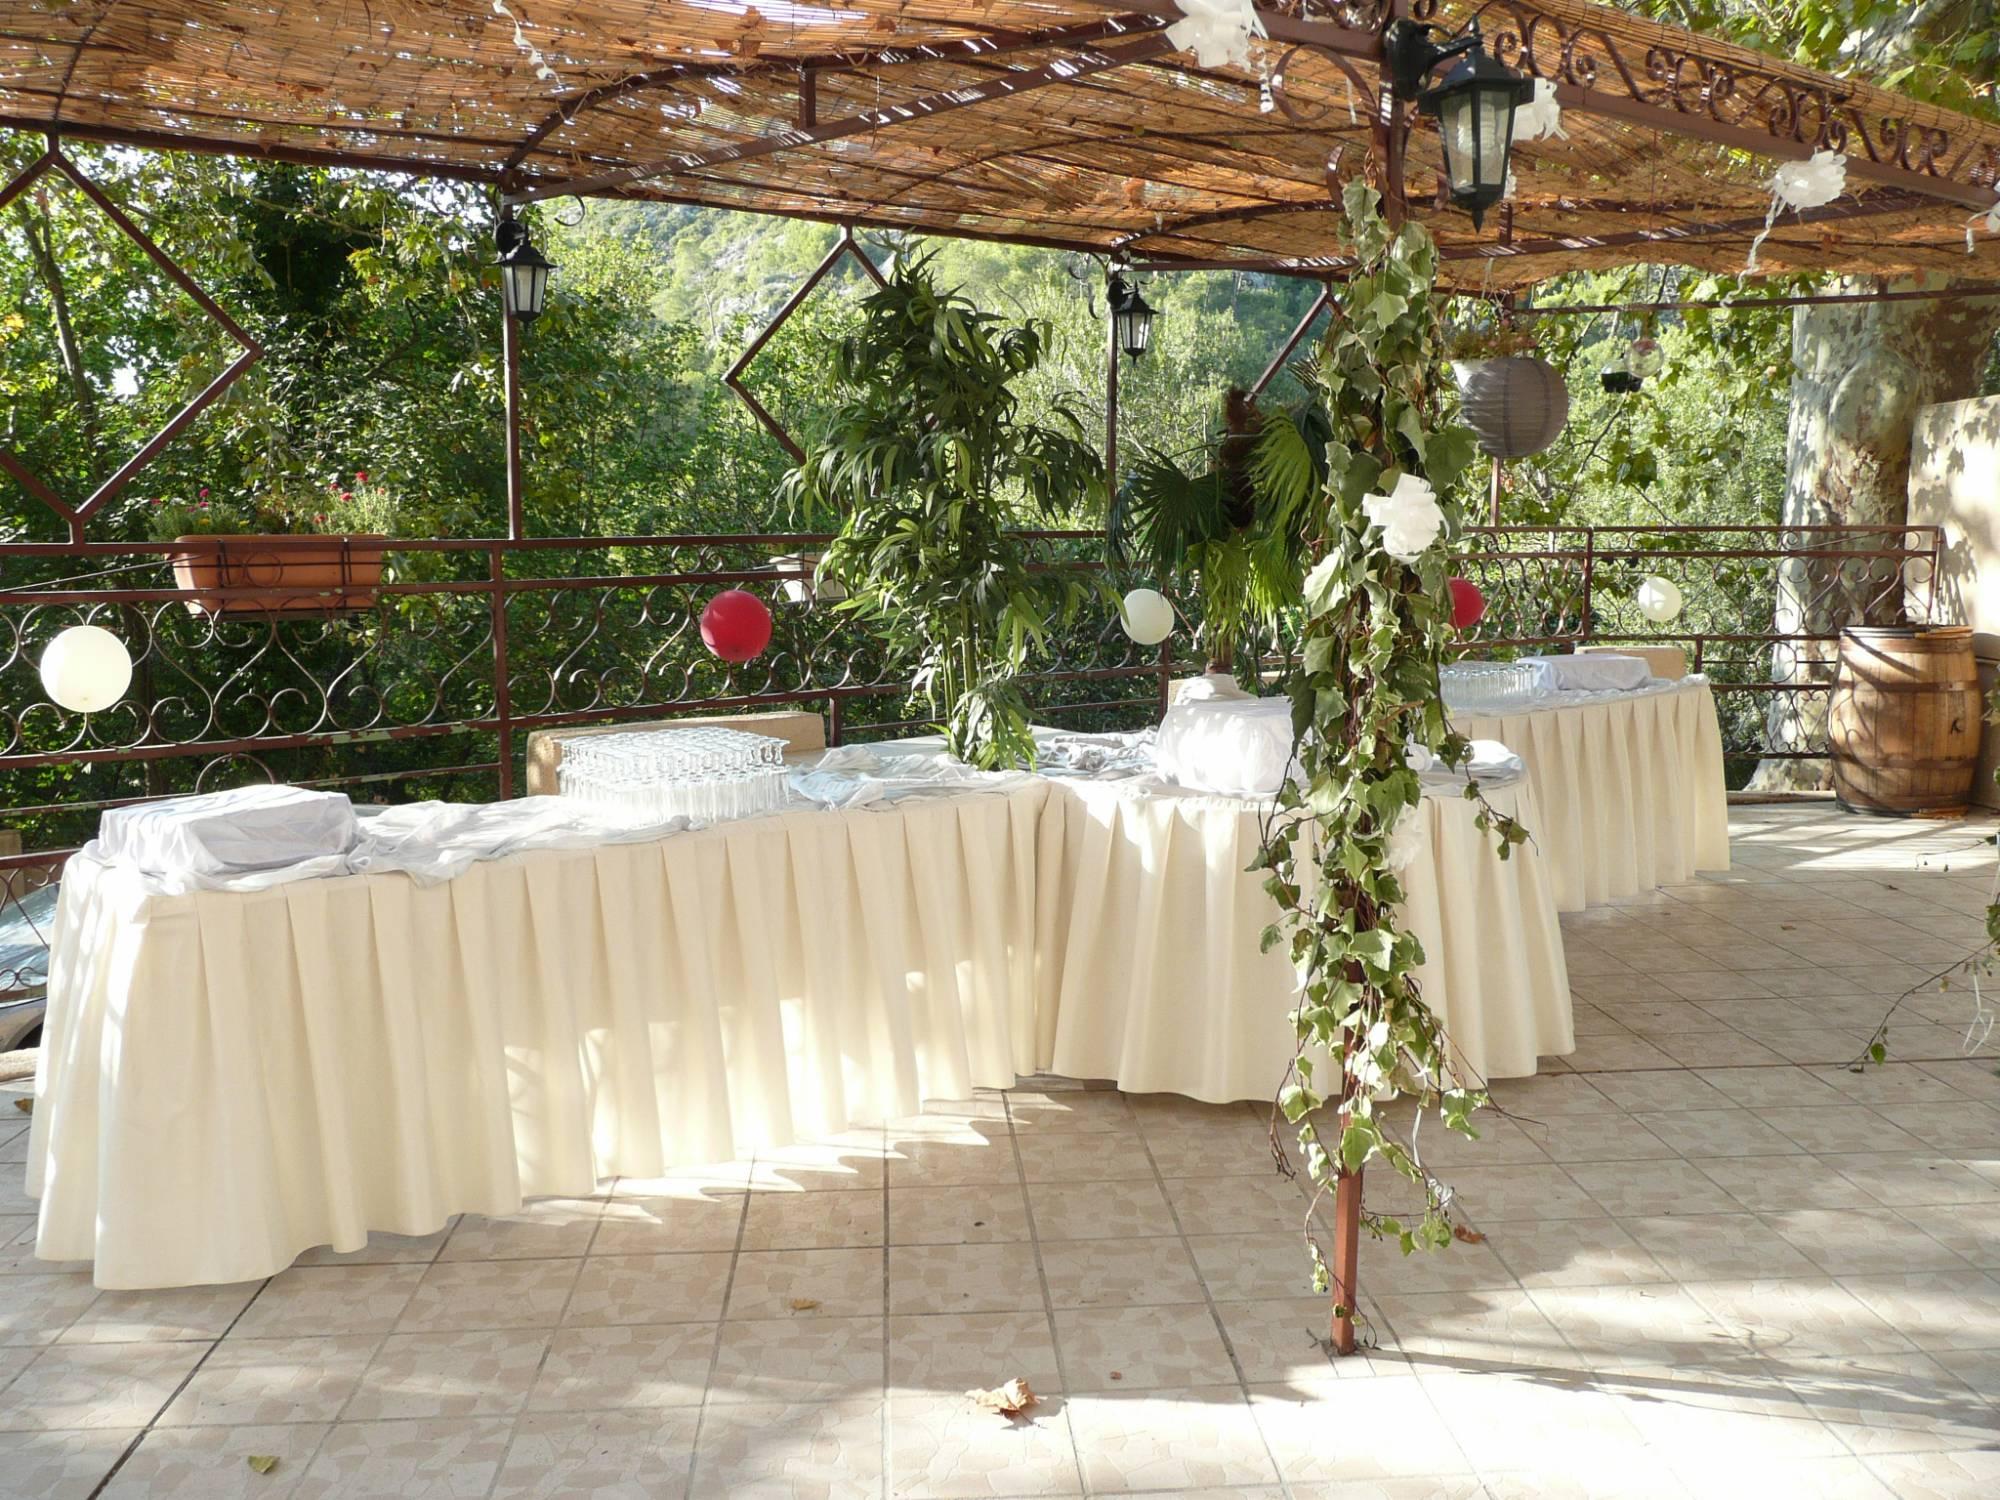 Salle pour reception de mariage le mariage - Decoration salle de reception pour mariage ...